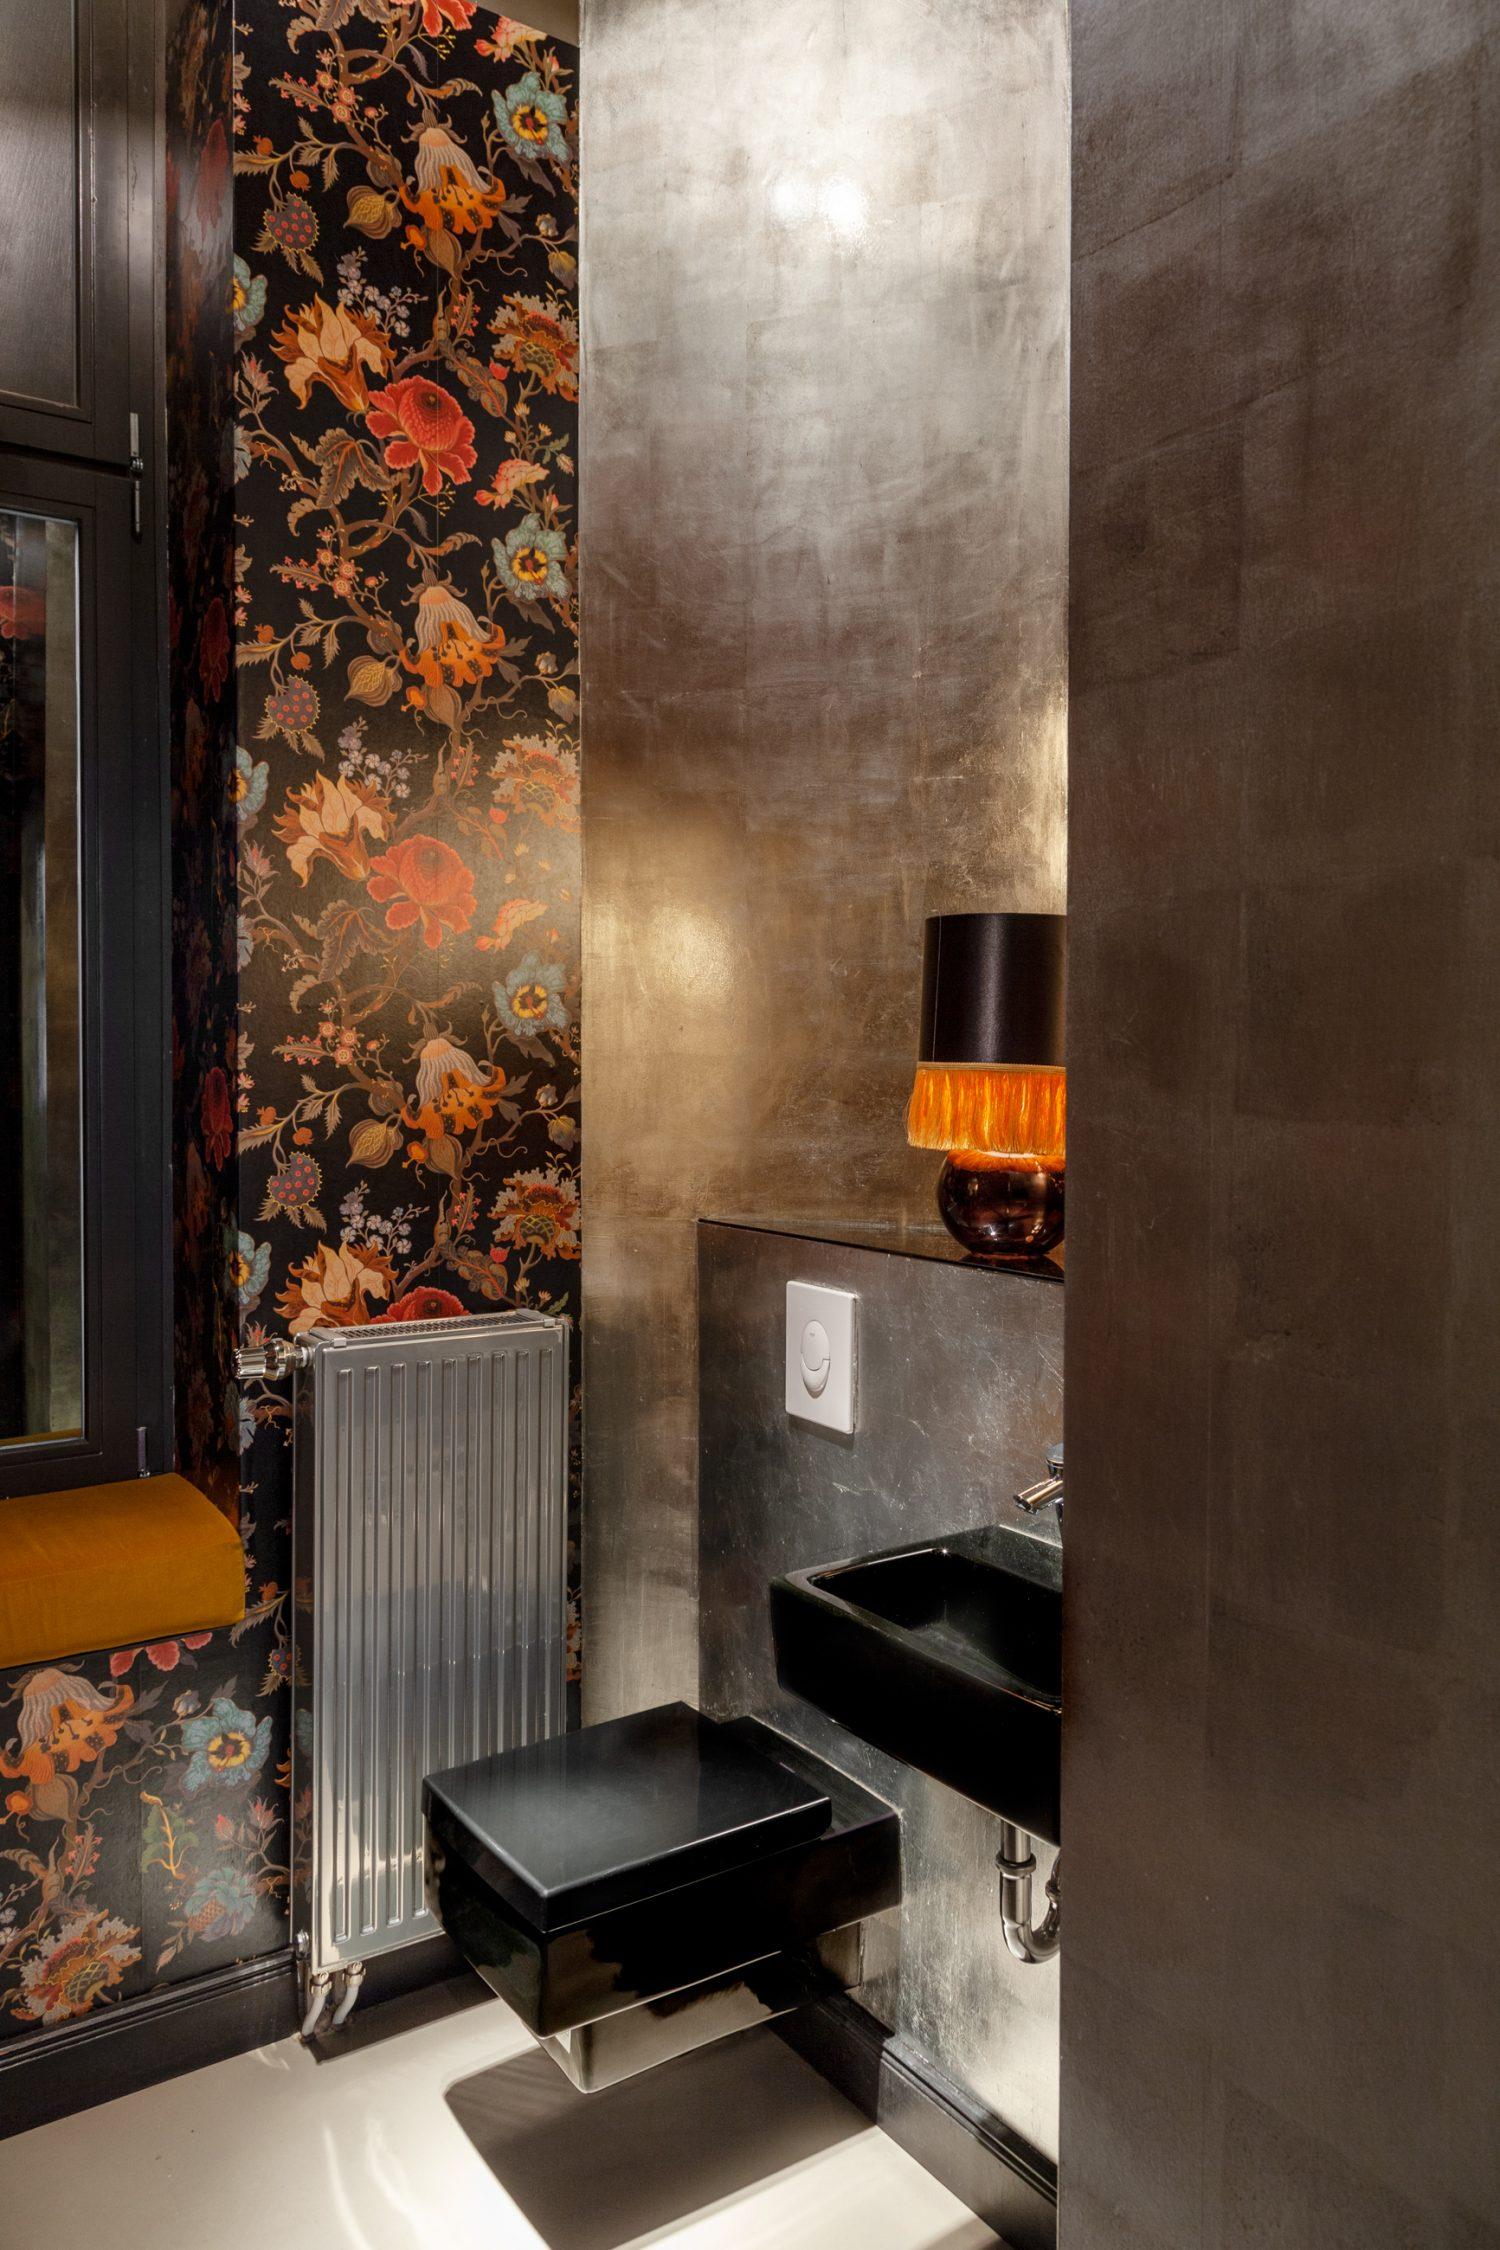 lindholz interior design bad design powder room silver leave house of hackney